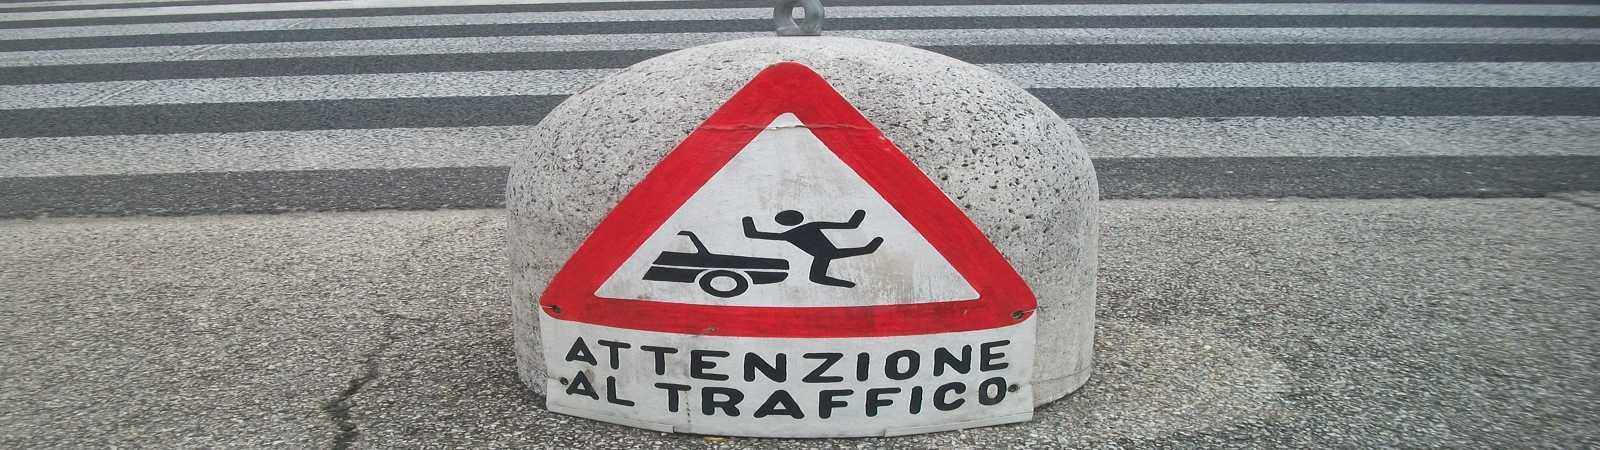 redazione di piani della sicurezza stradale a vari livelli territoriali